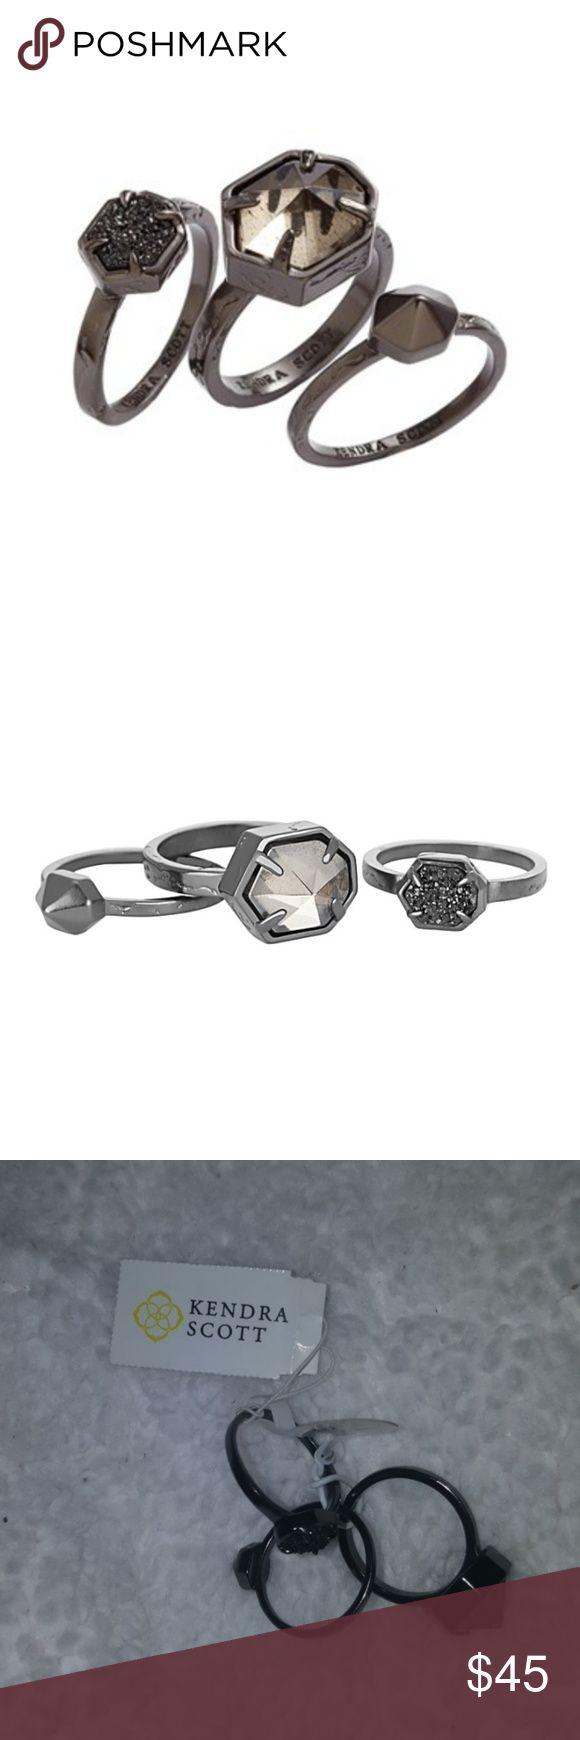 Beautiful Kendra Scott Mariam Set Black Rings Beautiful Kendra Scott Mariam Set of three Black Rings size 7 gunmetal Kendra Scott Jewelry Rings